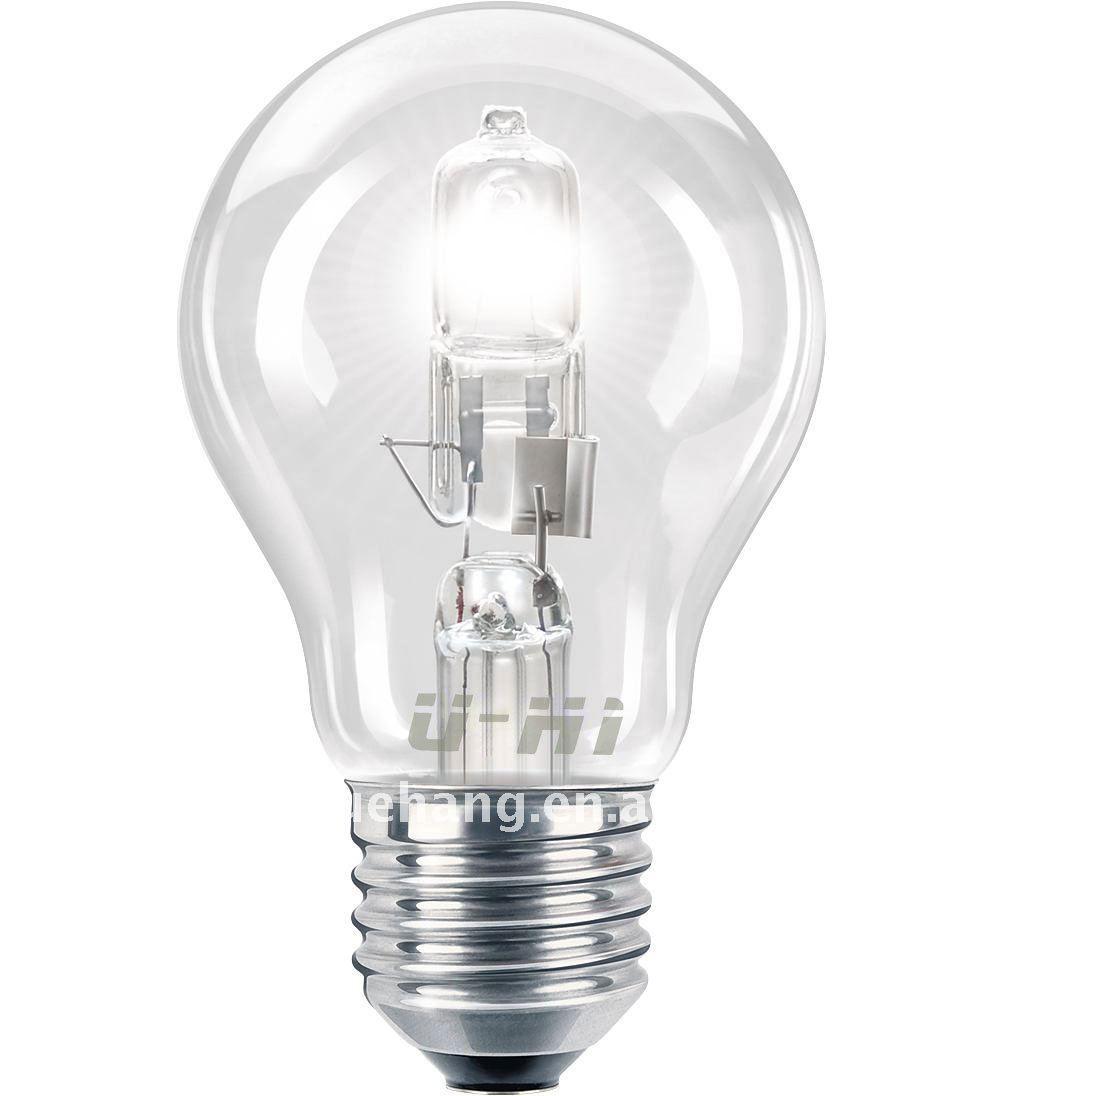 زيادة 40% في اسعار الكهرباء في مصر